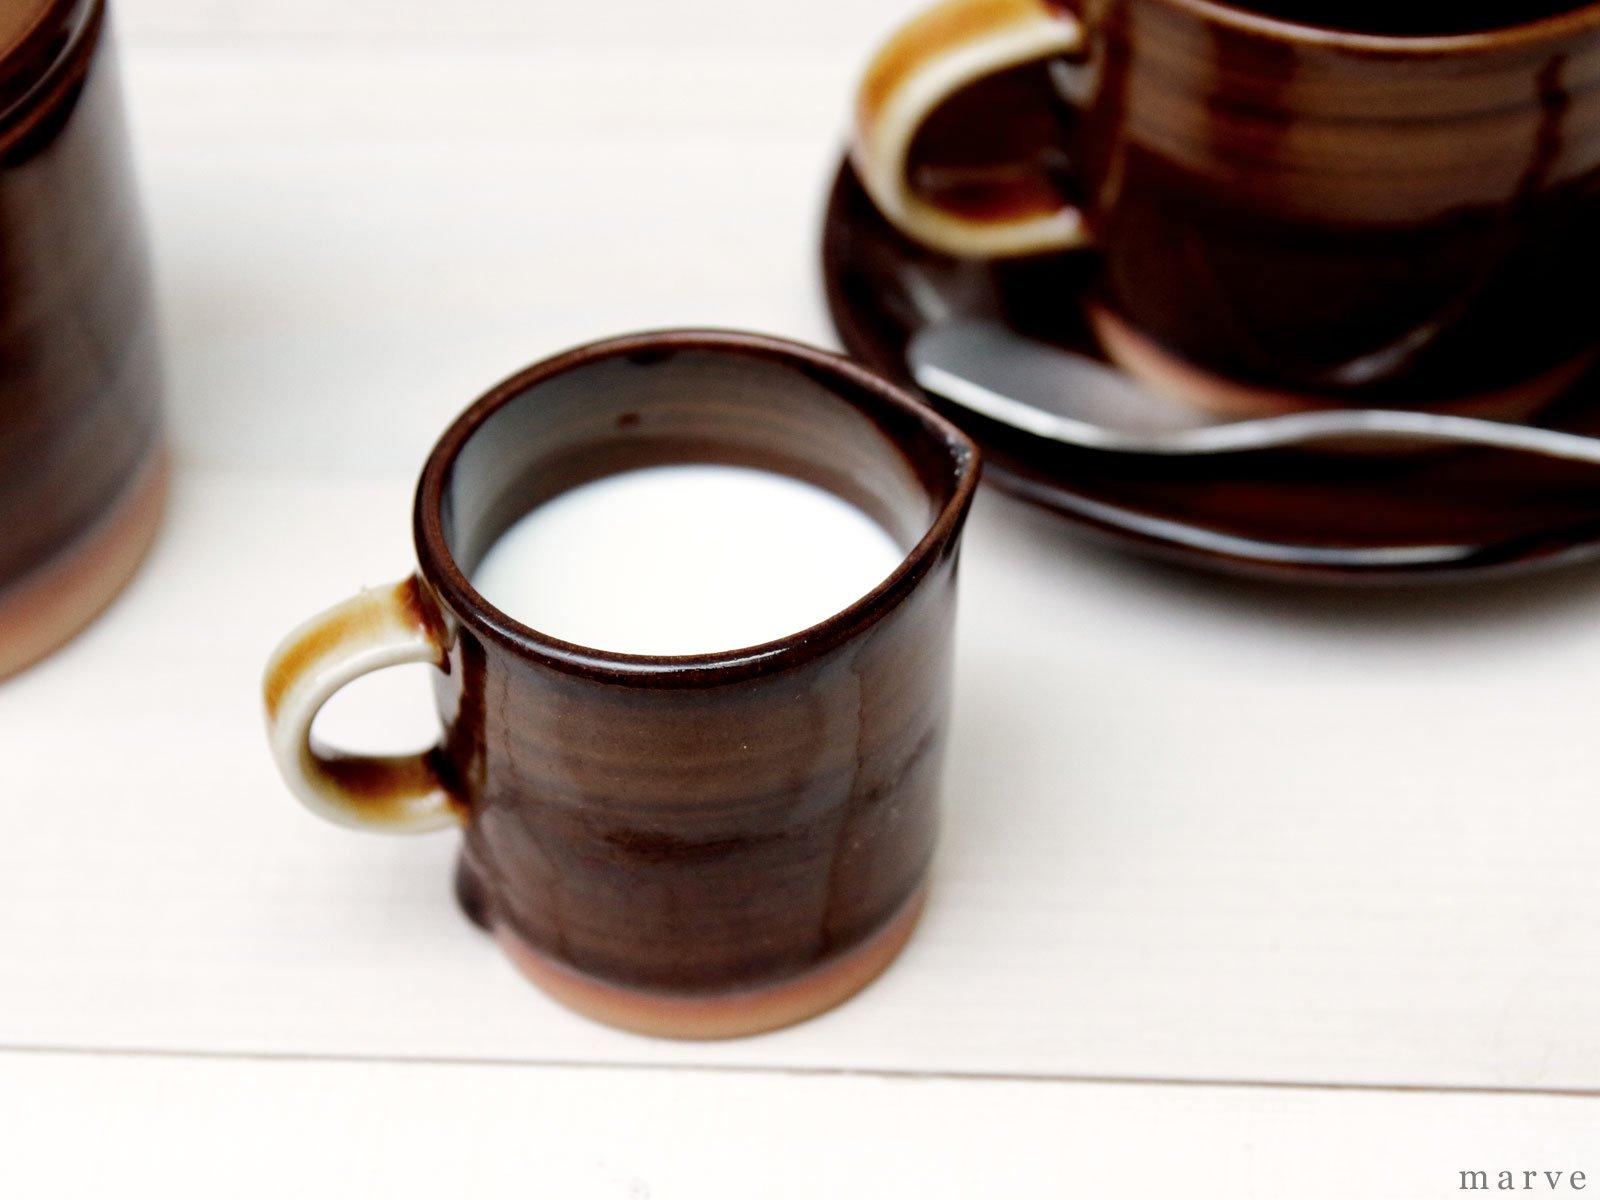 caramel(カラメル)クリーマー 柴田サヤカ